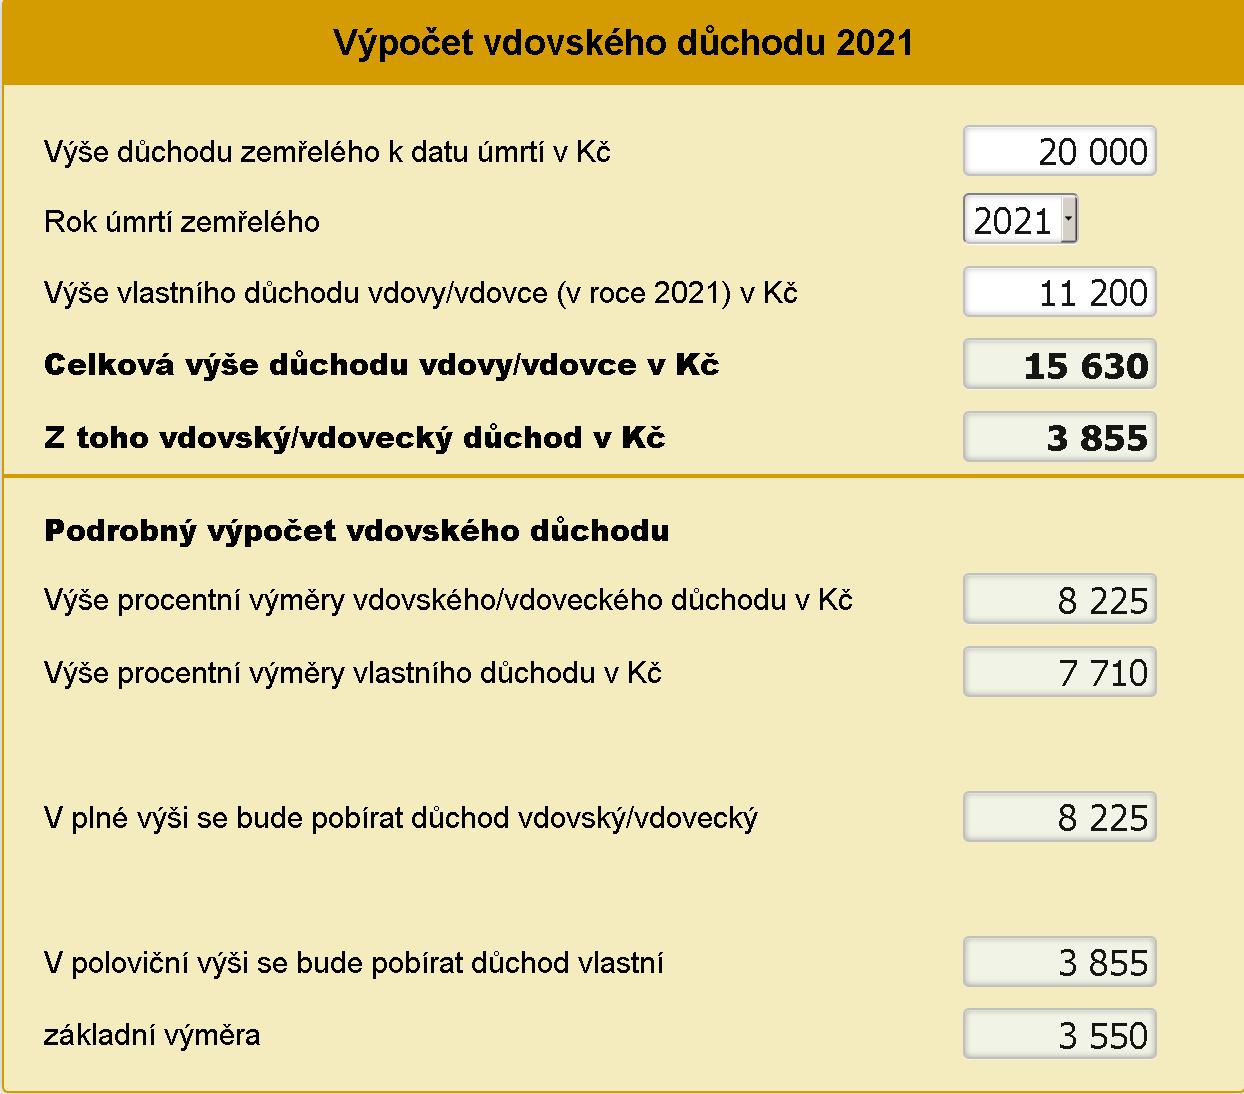 Kalkulačka vdovského důchodu 2021